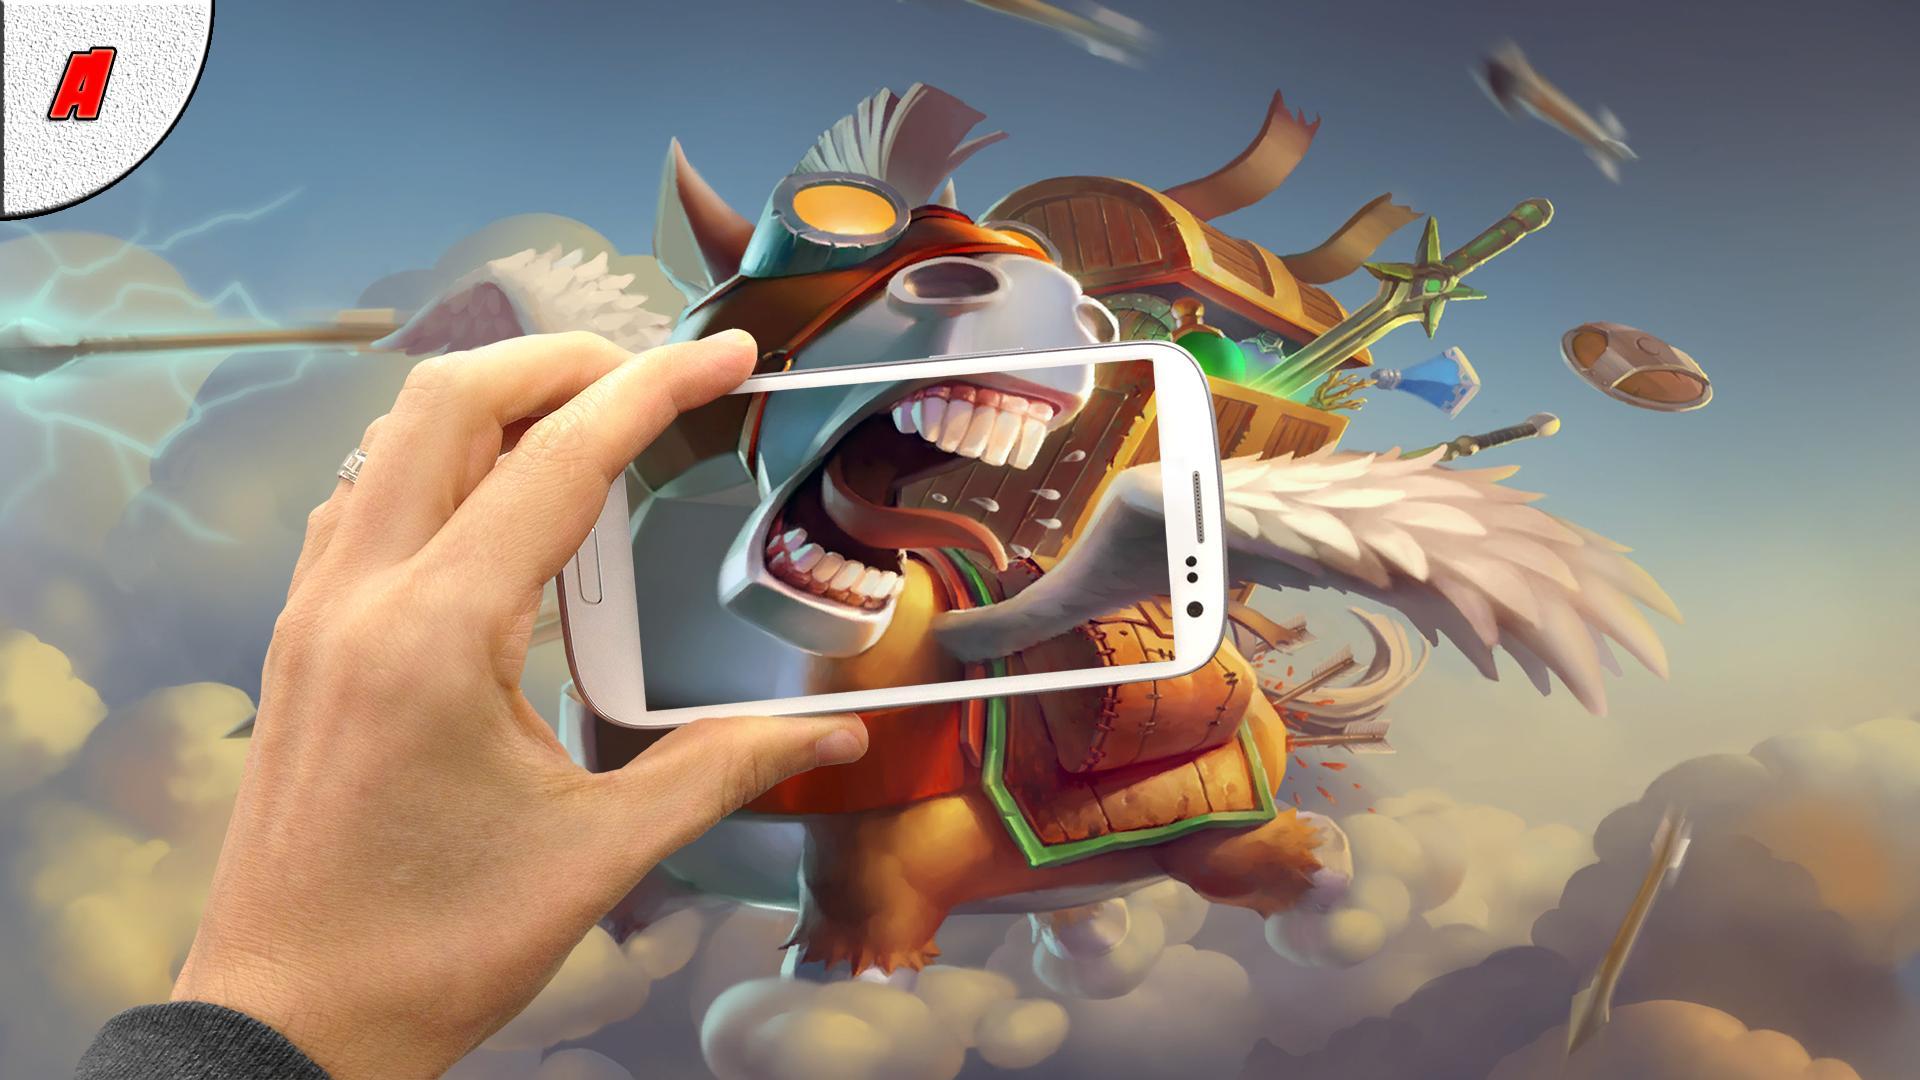 обои из игры Dota 2 Wallpaper в Full Hd For Android Apk